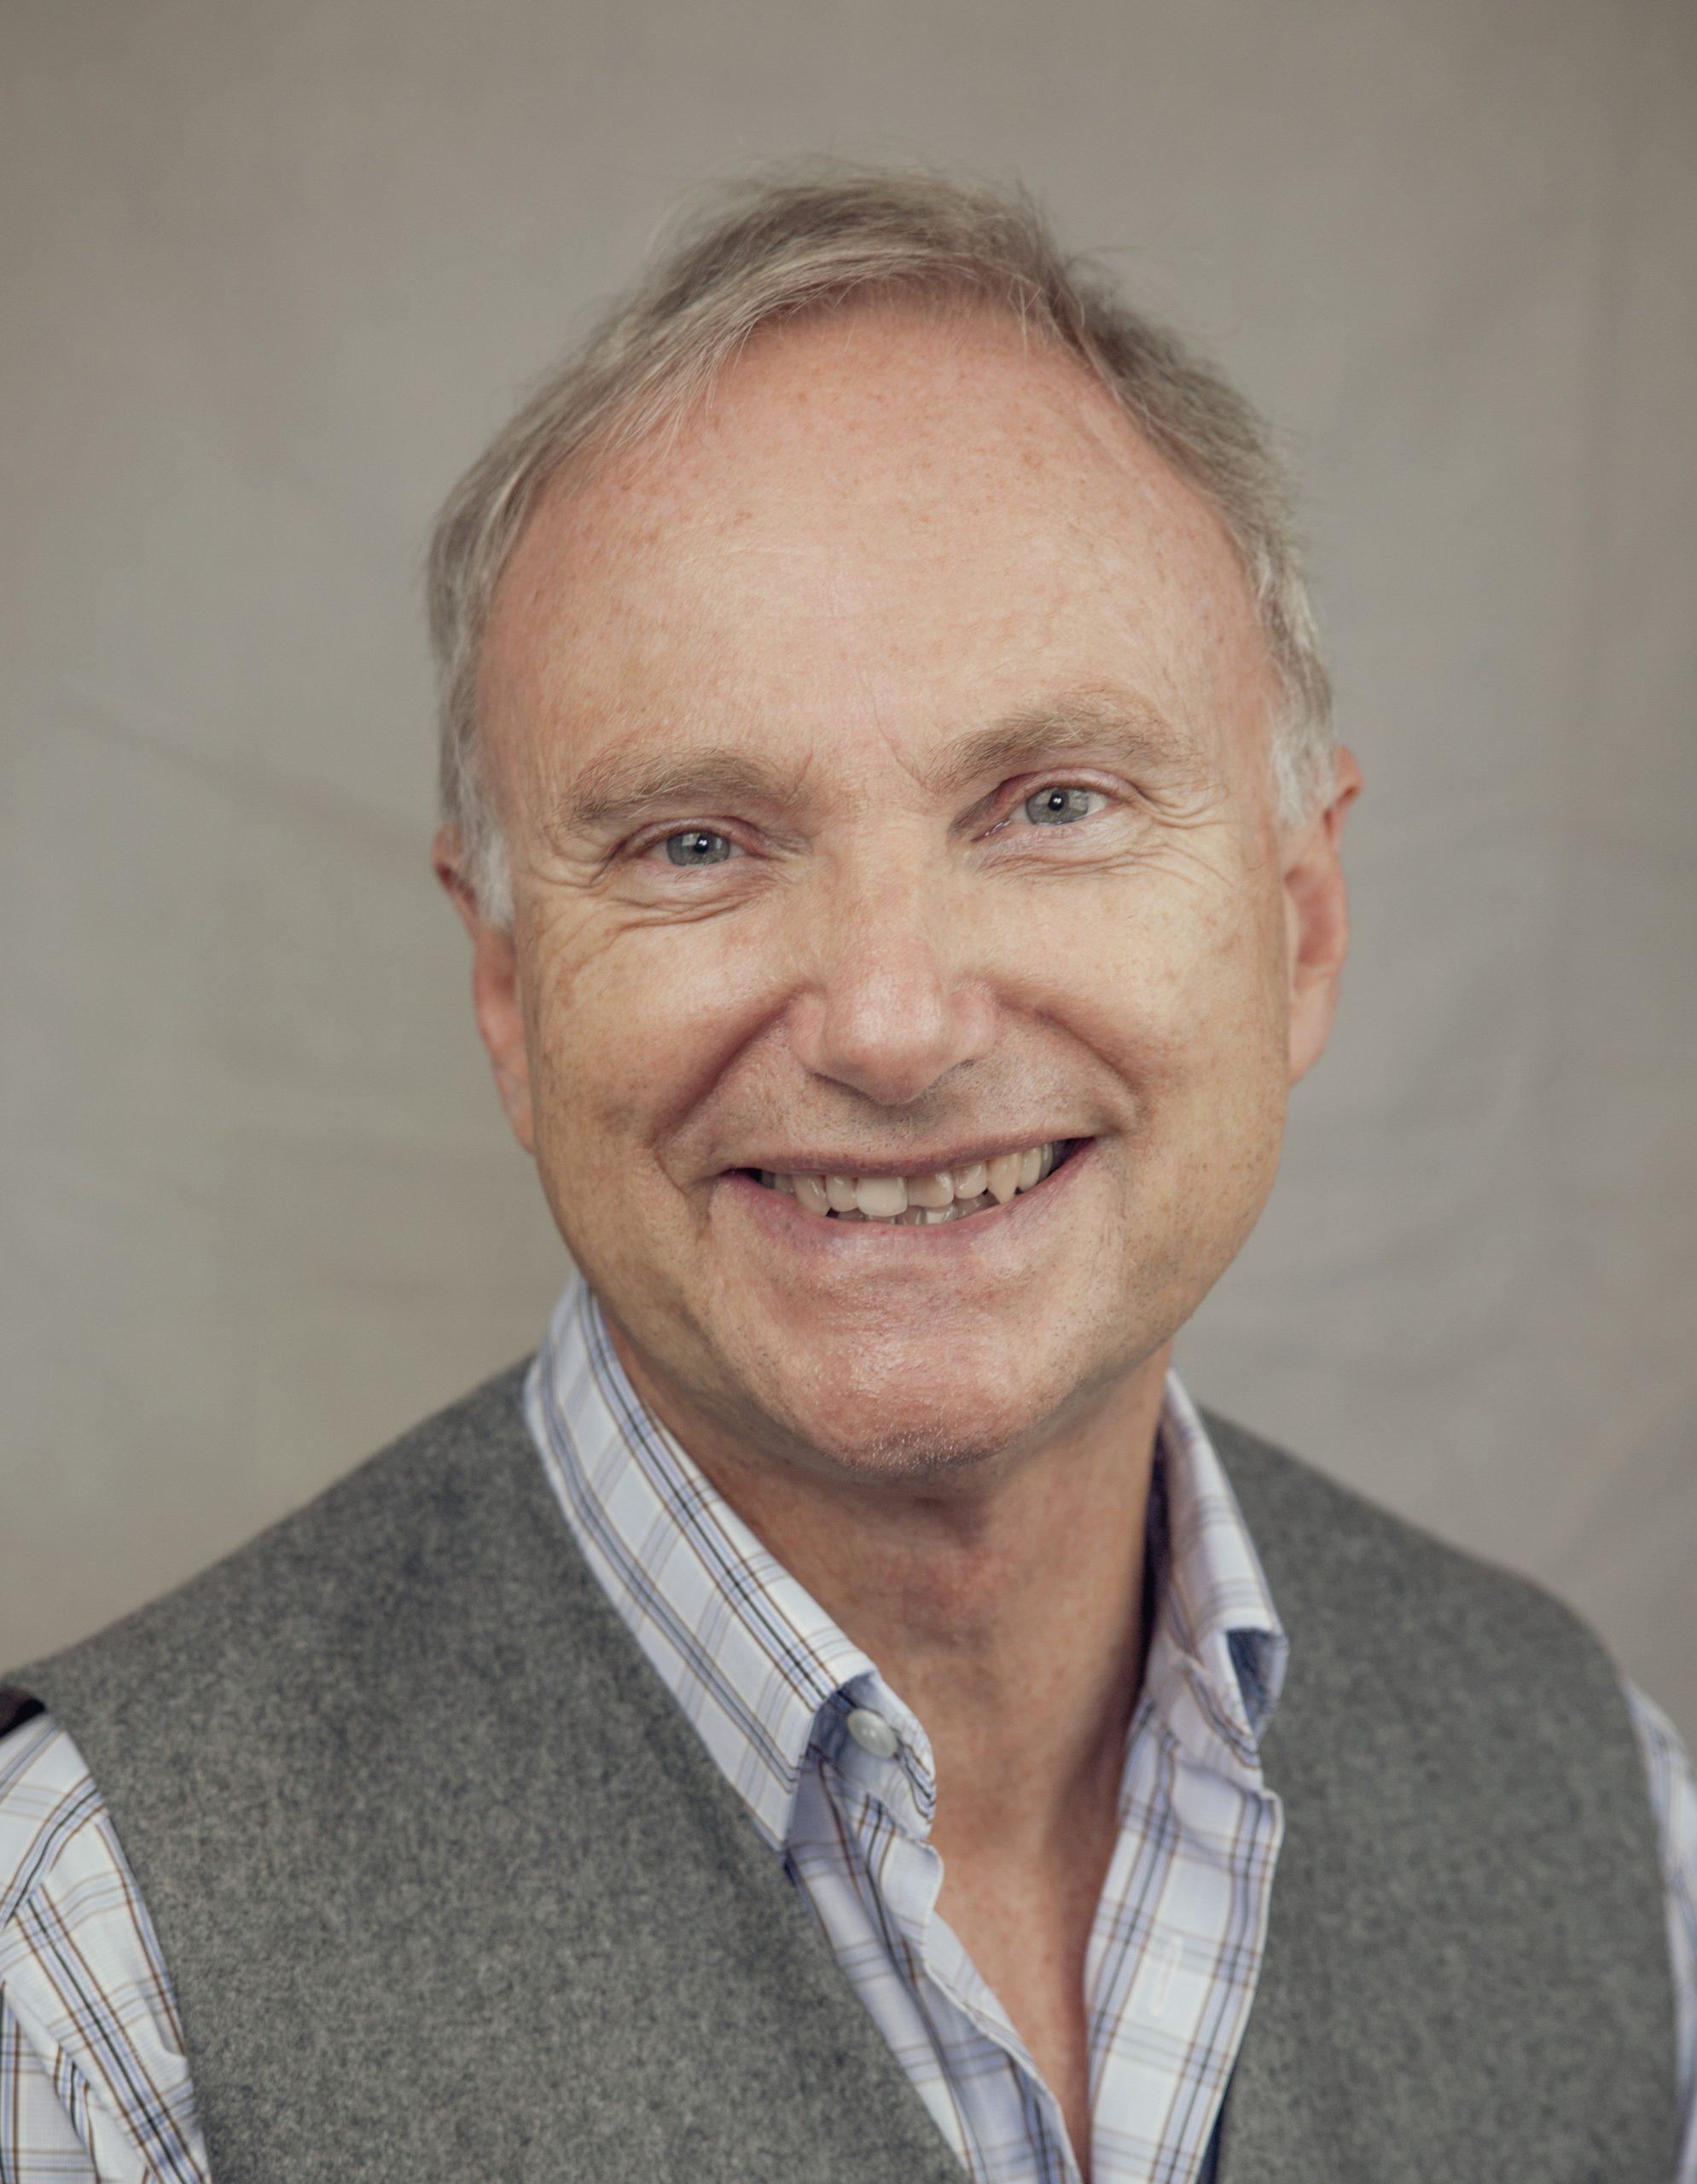 Prof Tony Attwood